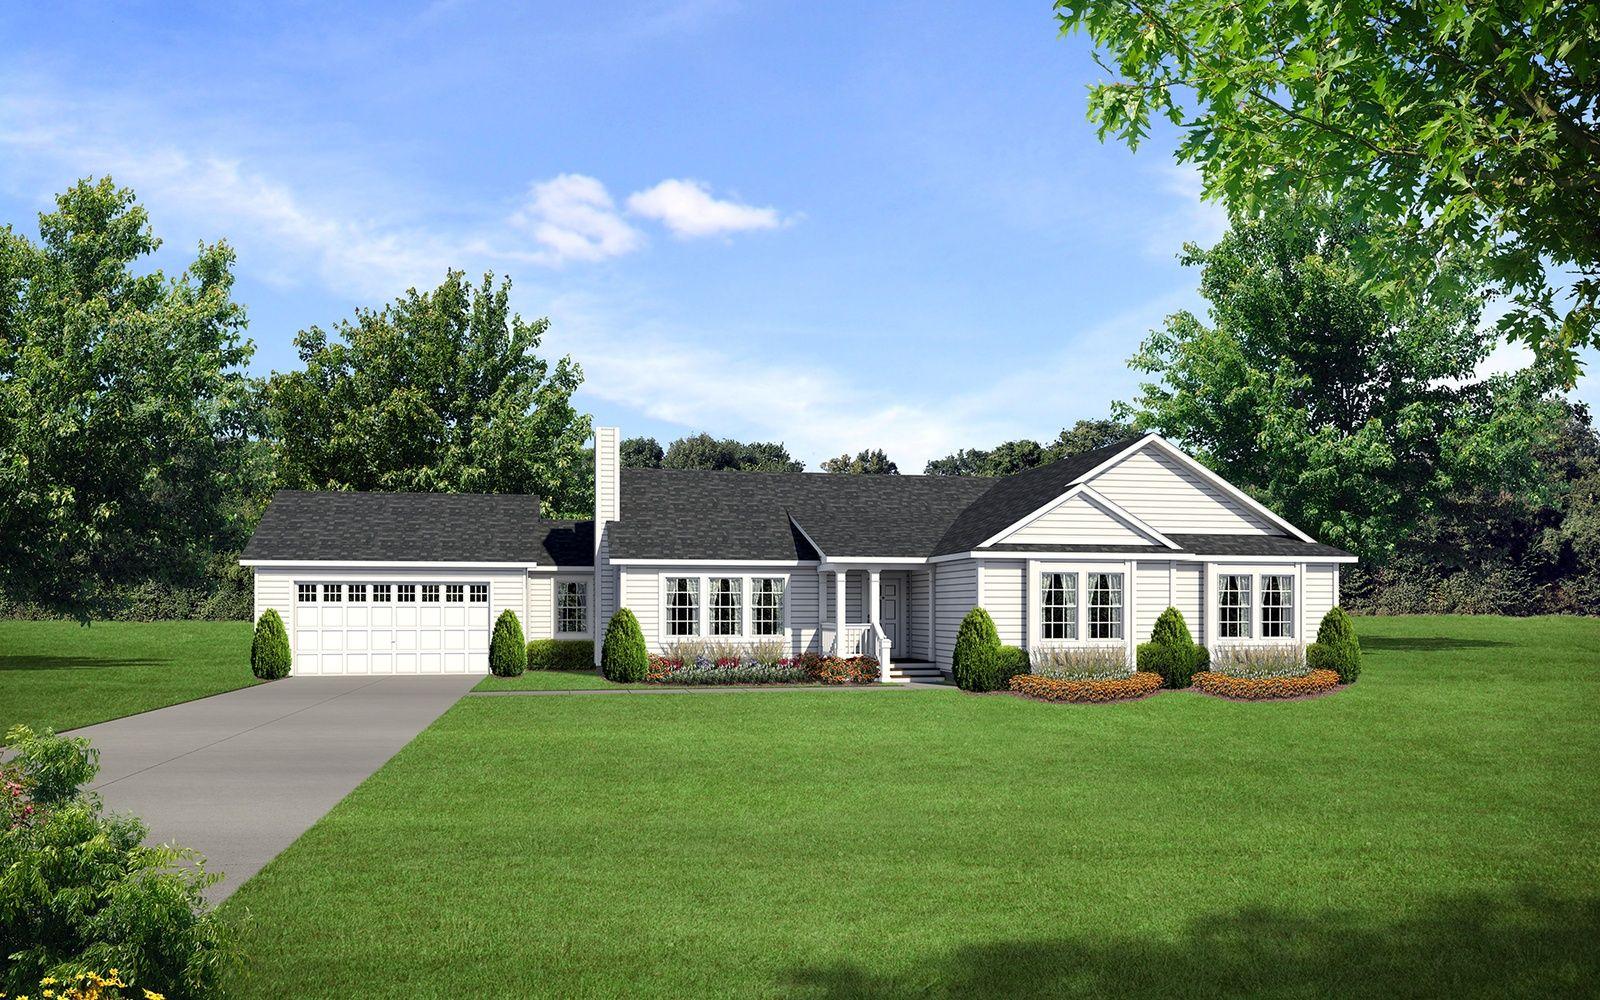 3ee1be7811dd96b7875185978b5f76e2 - Kew Gardens Retirement Village Westville For Sale